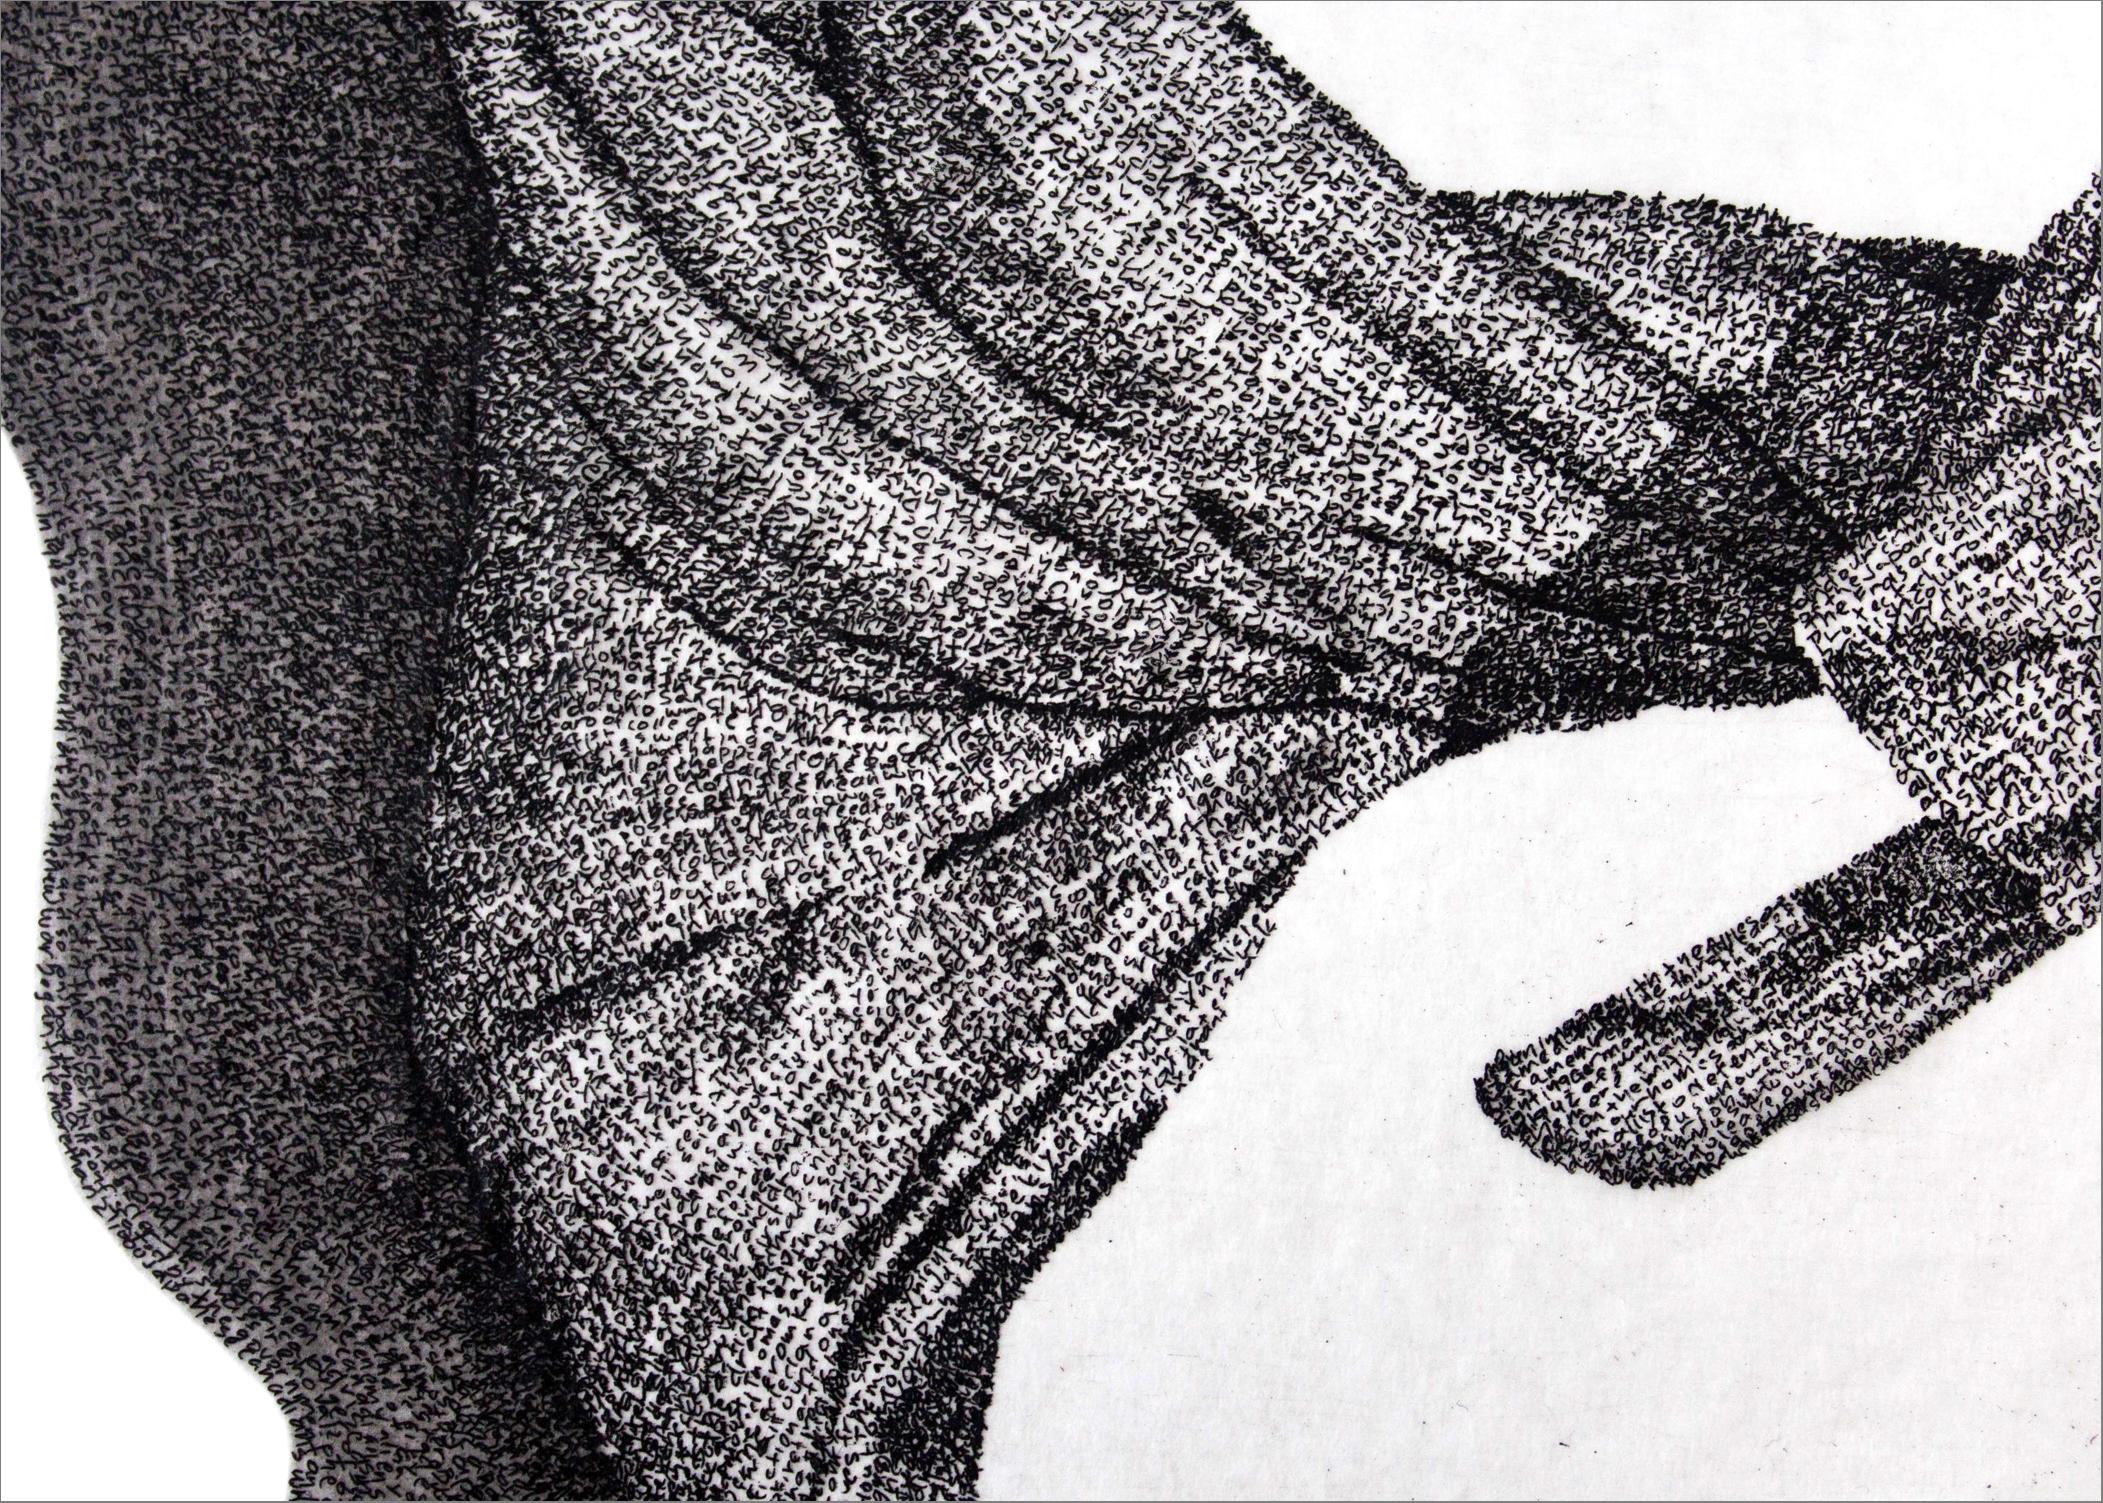 Frank Moritsugu - Detail 1